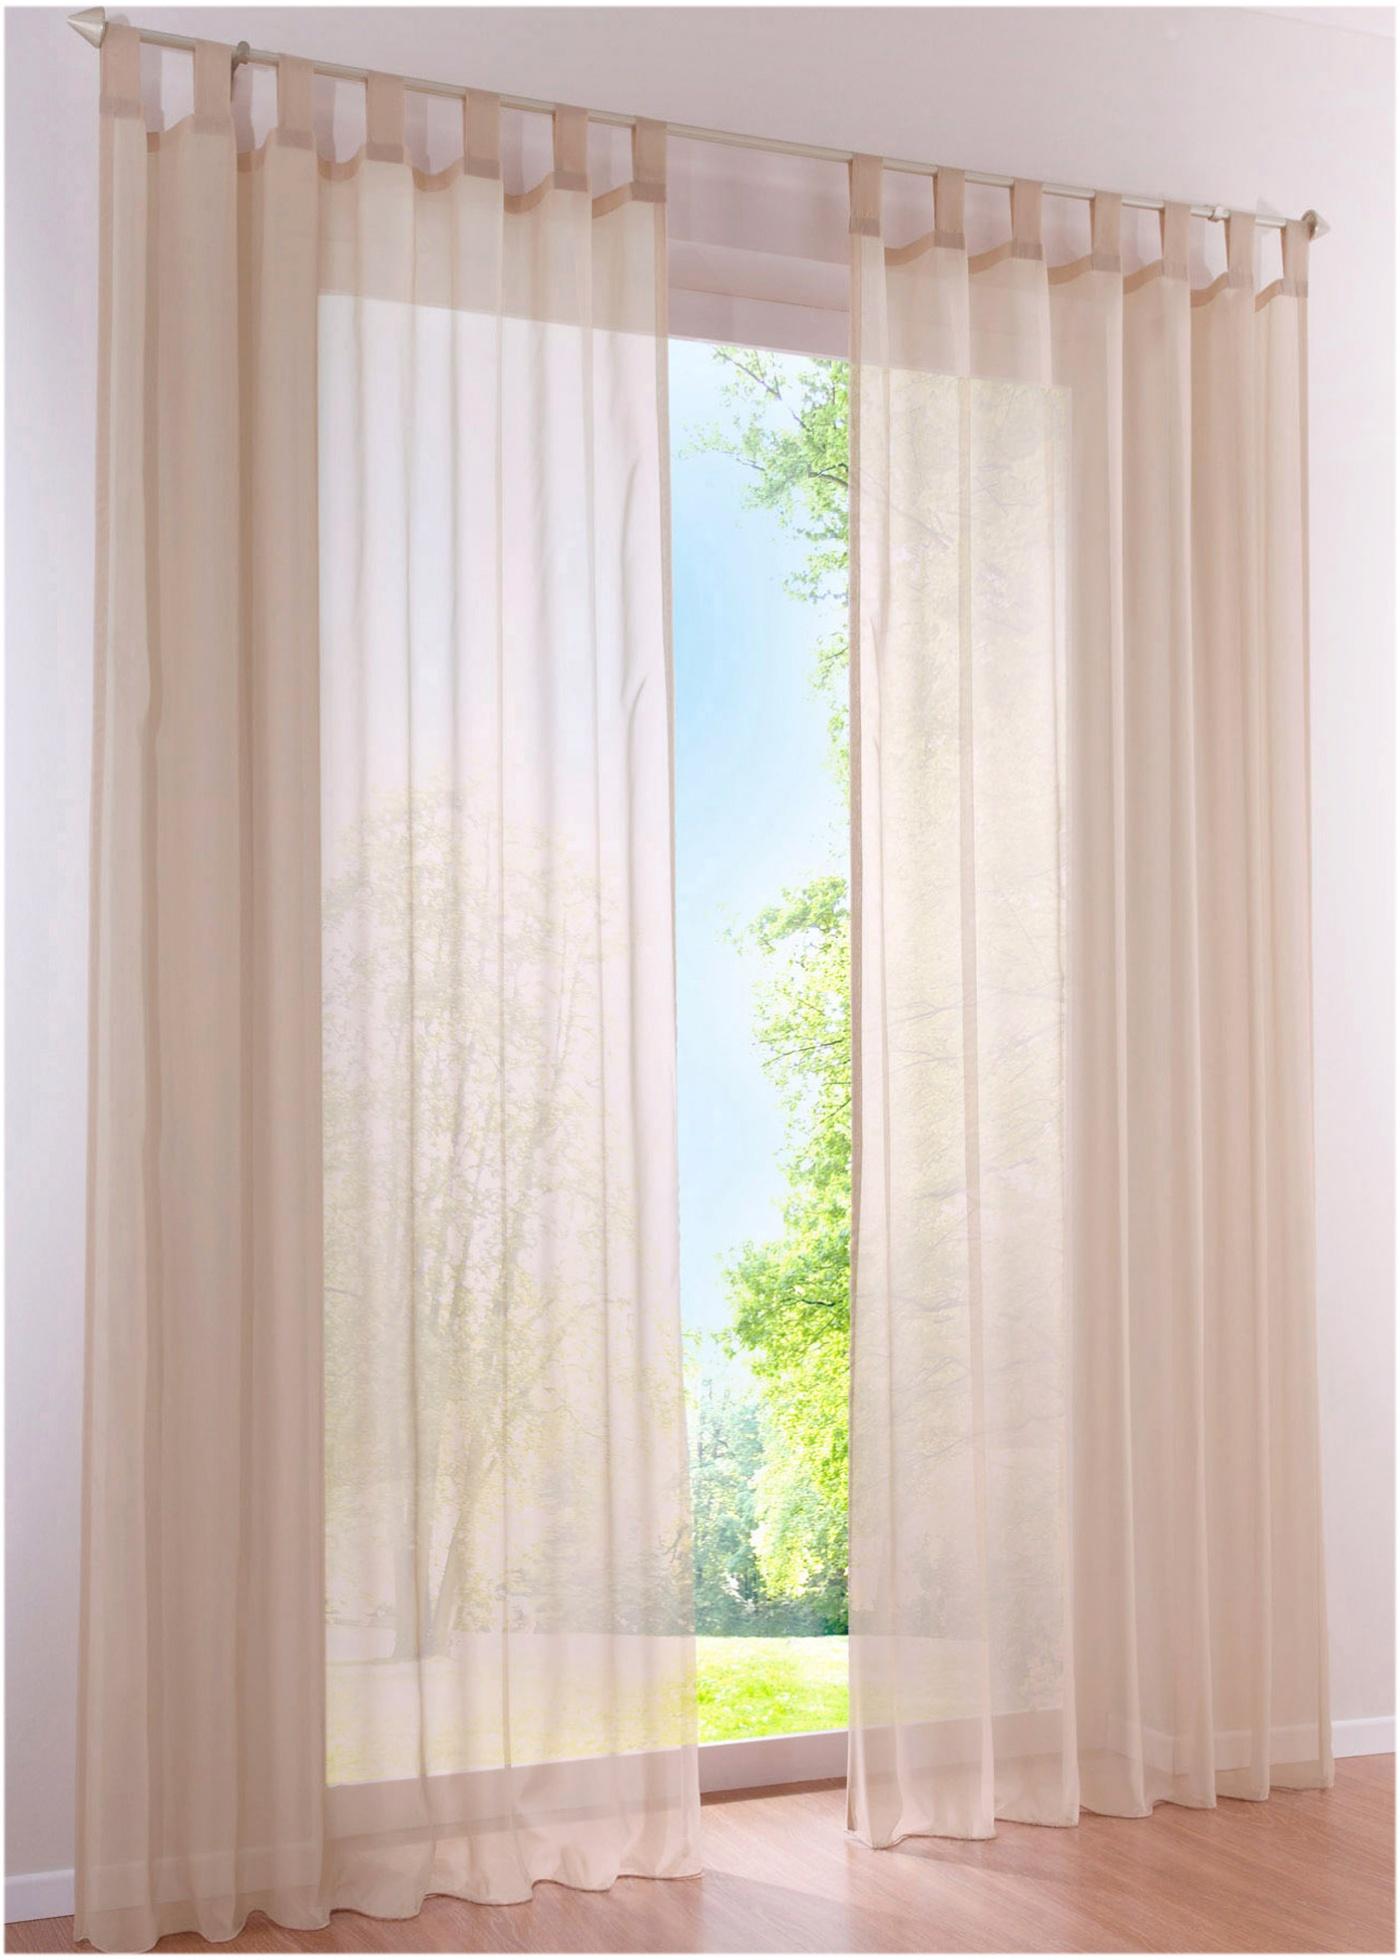 voilage bonprix catalogue maison et jardin bonprix. Black Bedroom Furniture Sets. Home Design Ideas